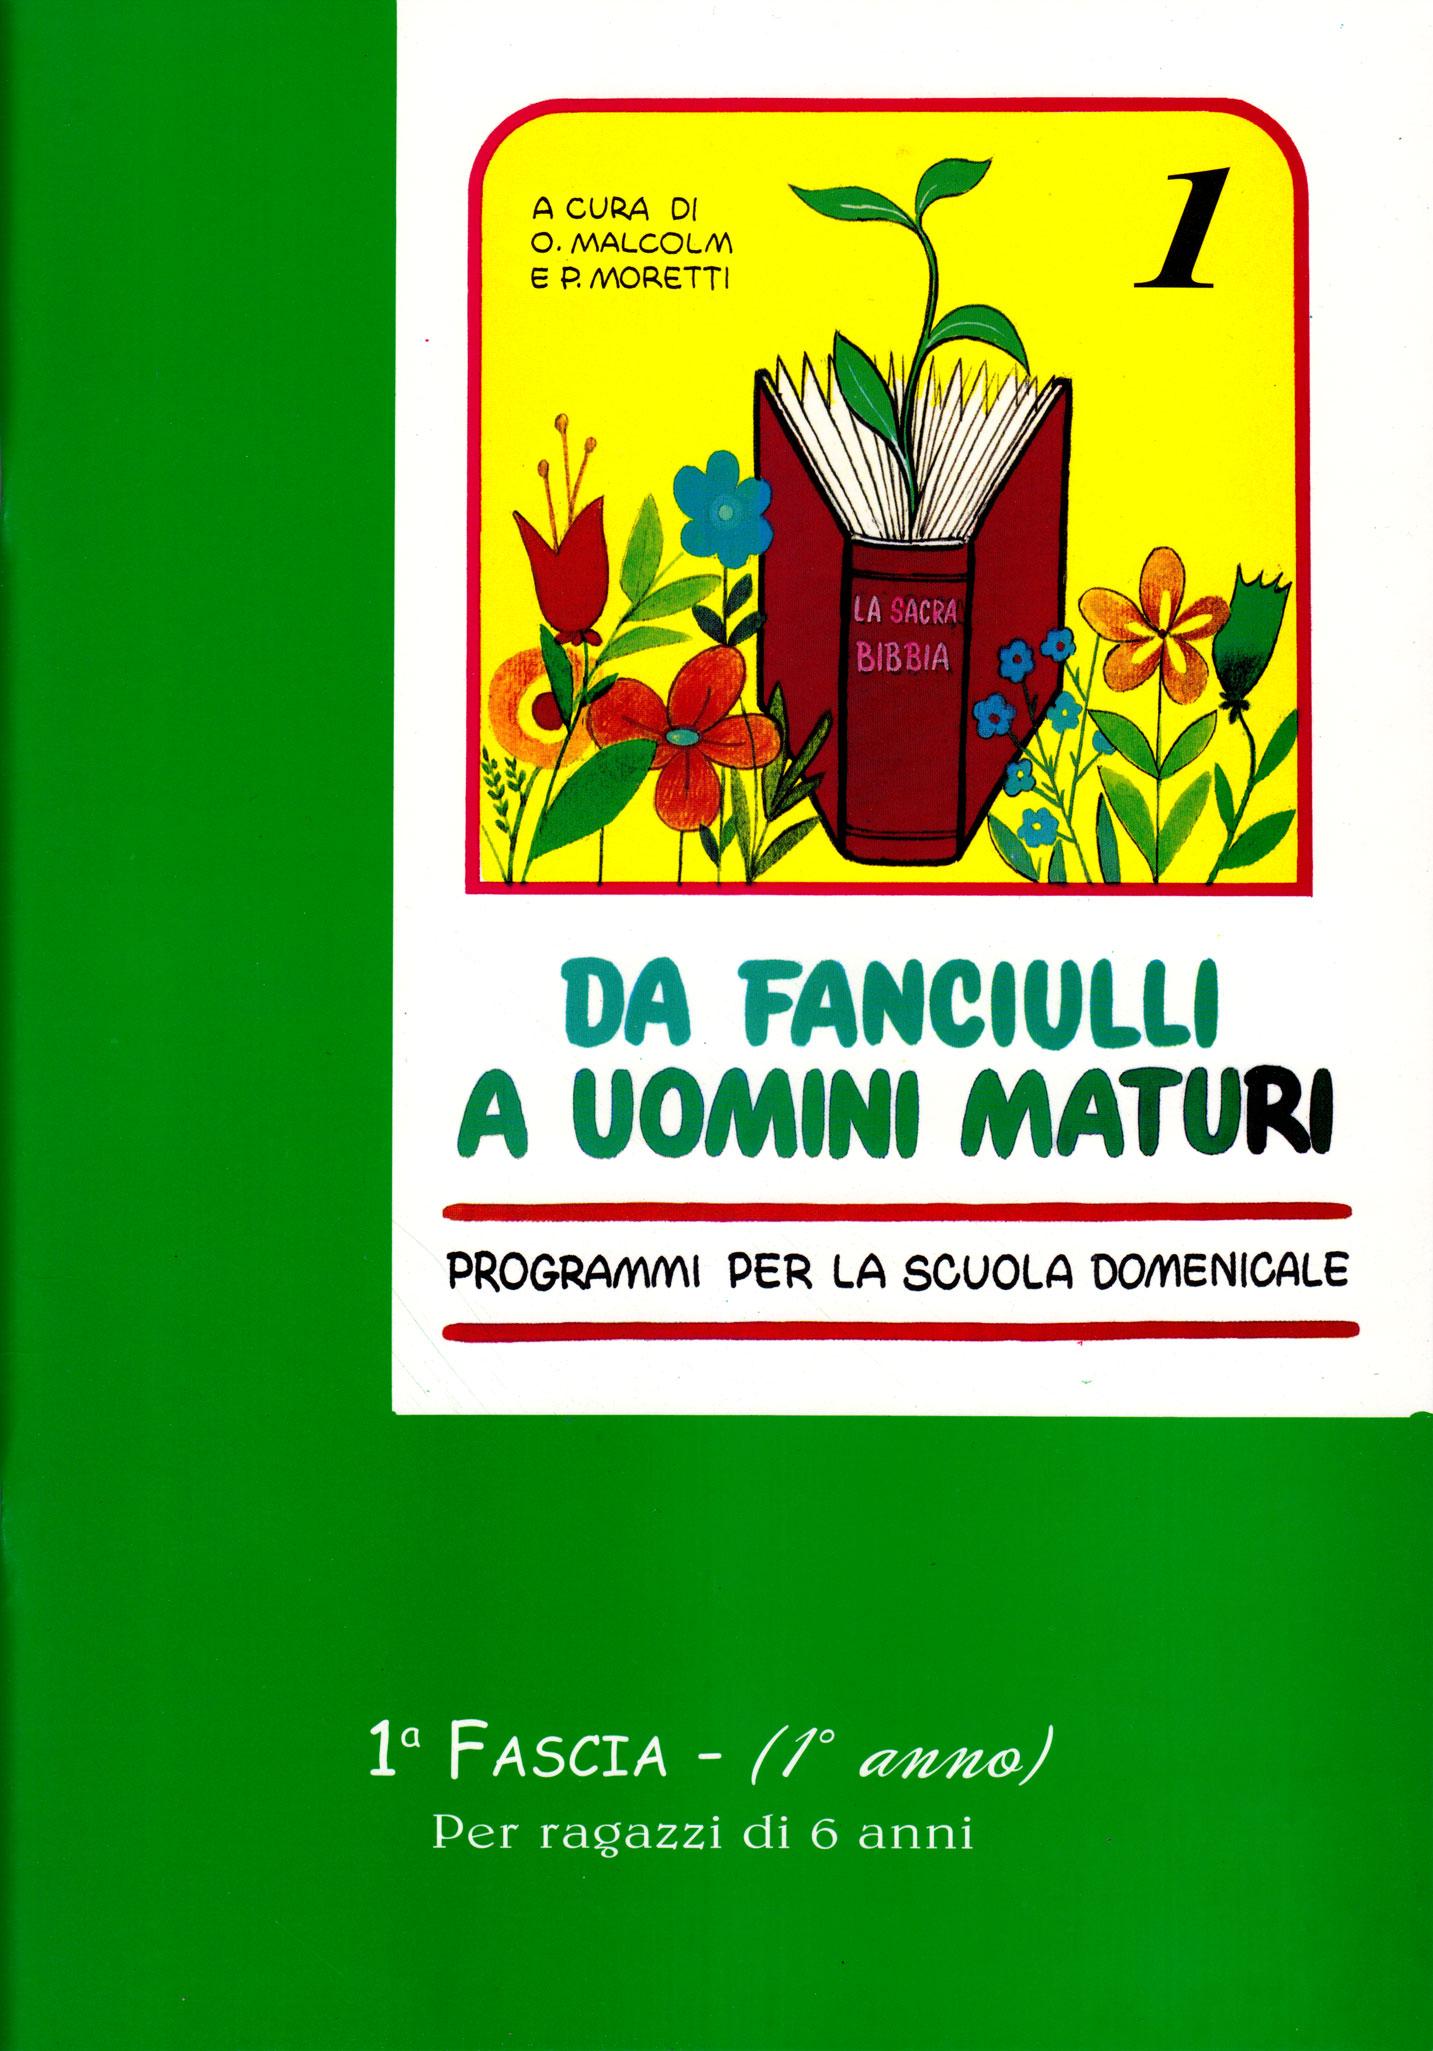 Da fanciulli a uomini maturi - vol. 1 Manuale Studente